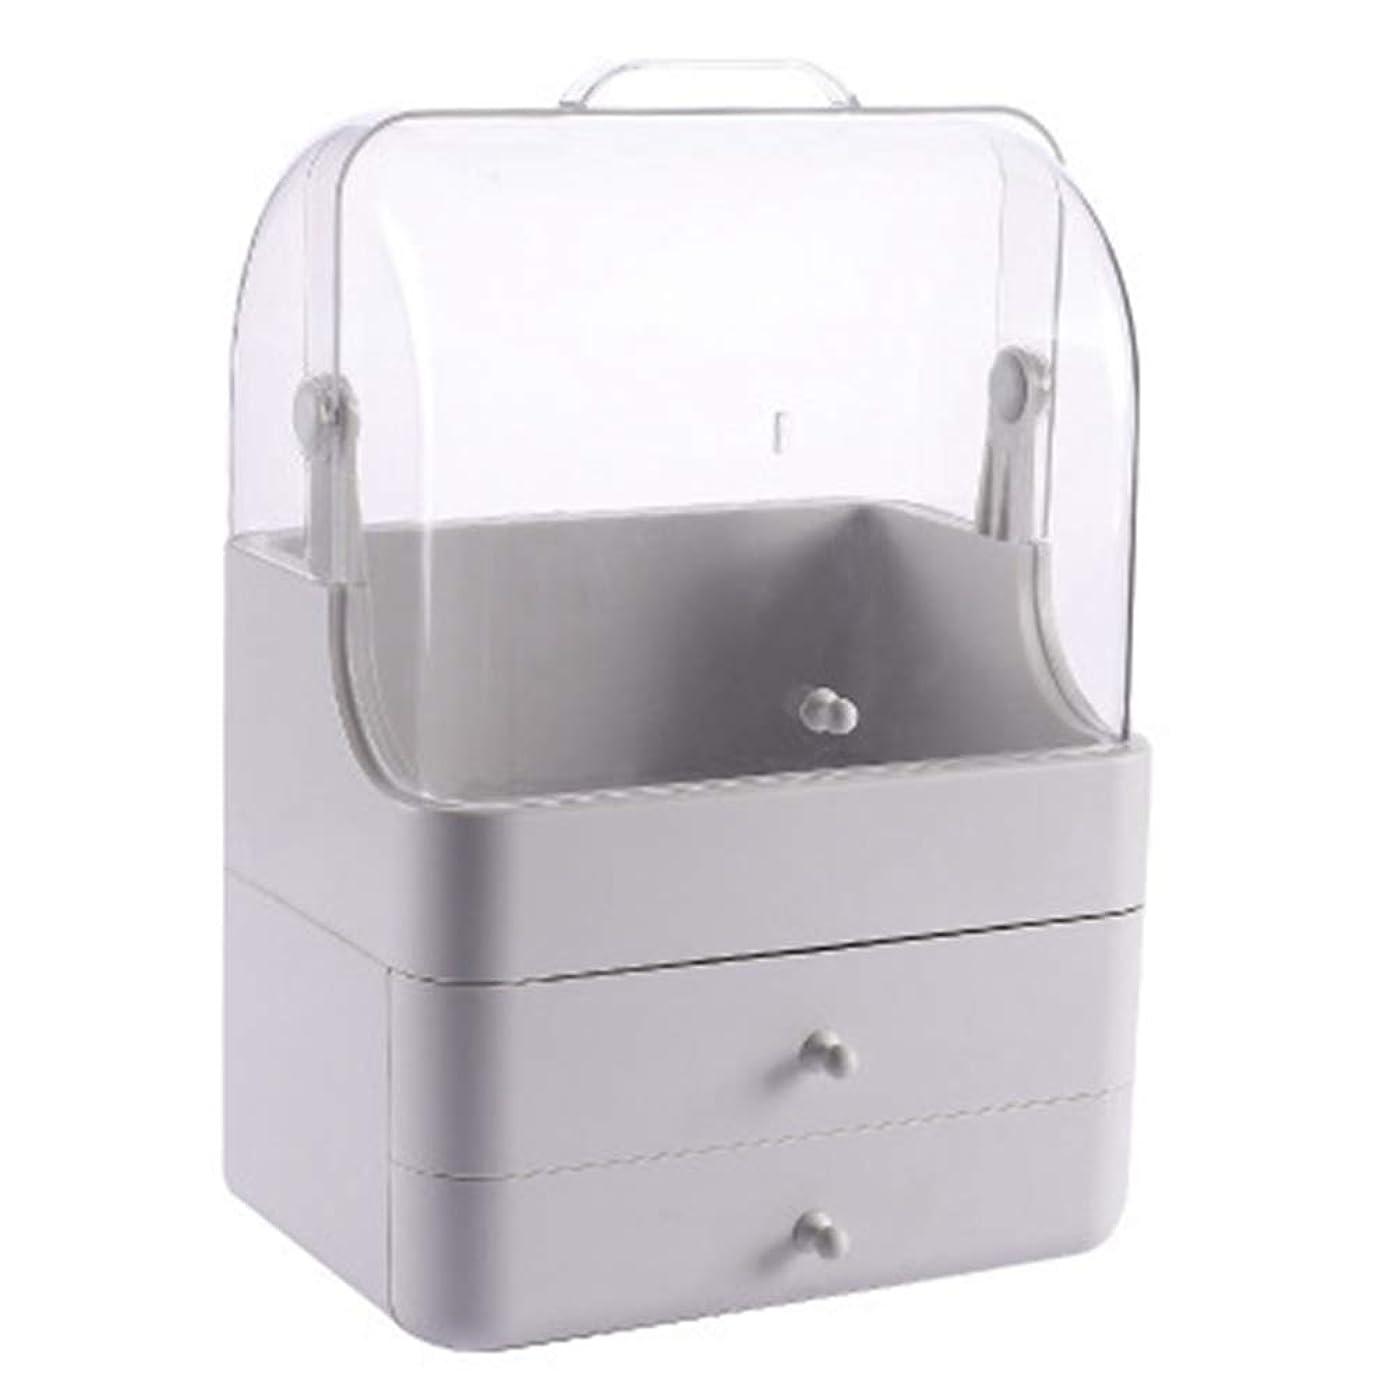 香港衝突するクラッシュ化粧品収納ボックス メイクボック コスメ収納 3段式 アクセサリボックス 多容量 引き出し式 整理簡単 持ち運び 蓋付き 防塵防水 透明 機能性 スキンケア用品 小物入れ 卓上収納 軽量